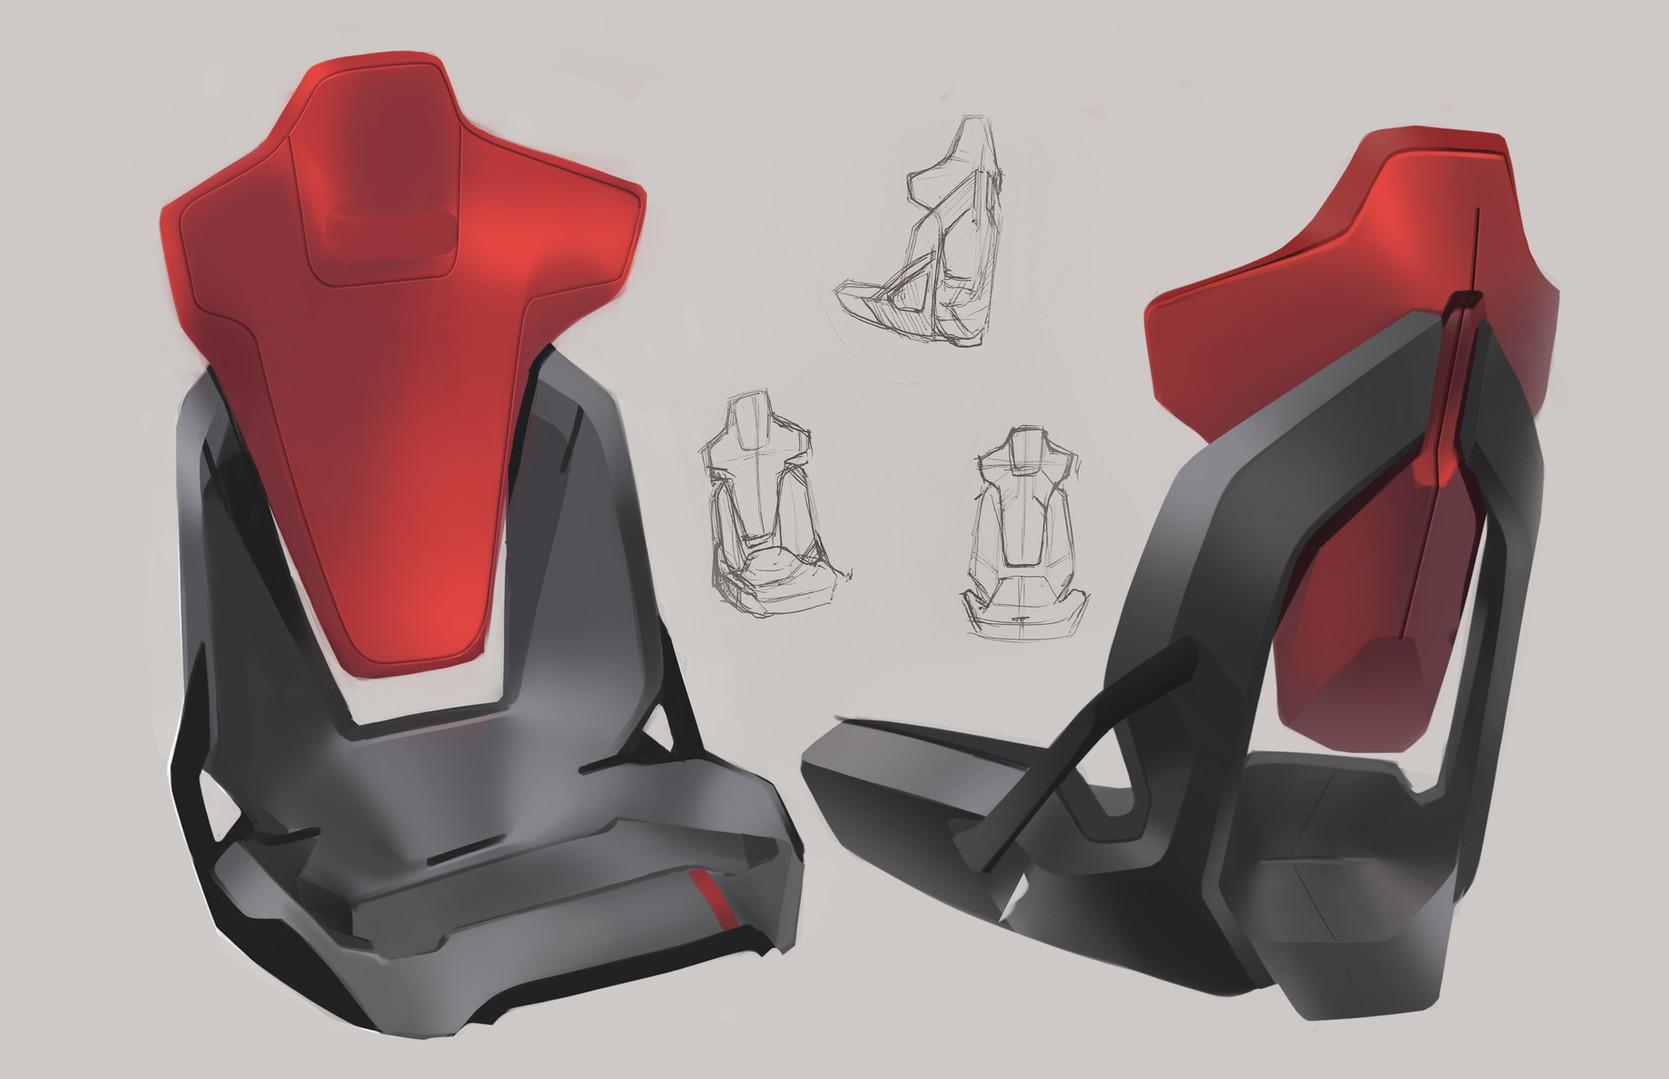 Seat Render 2.jpg